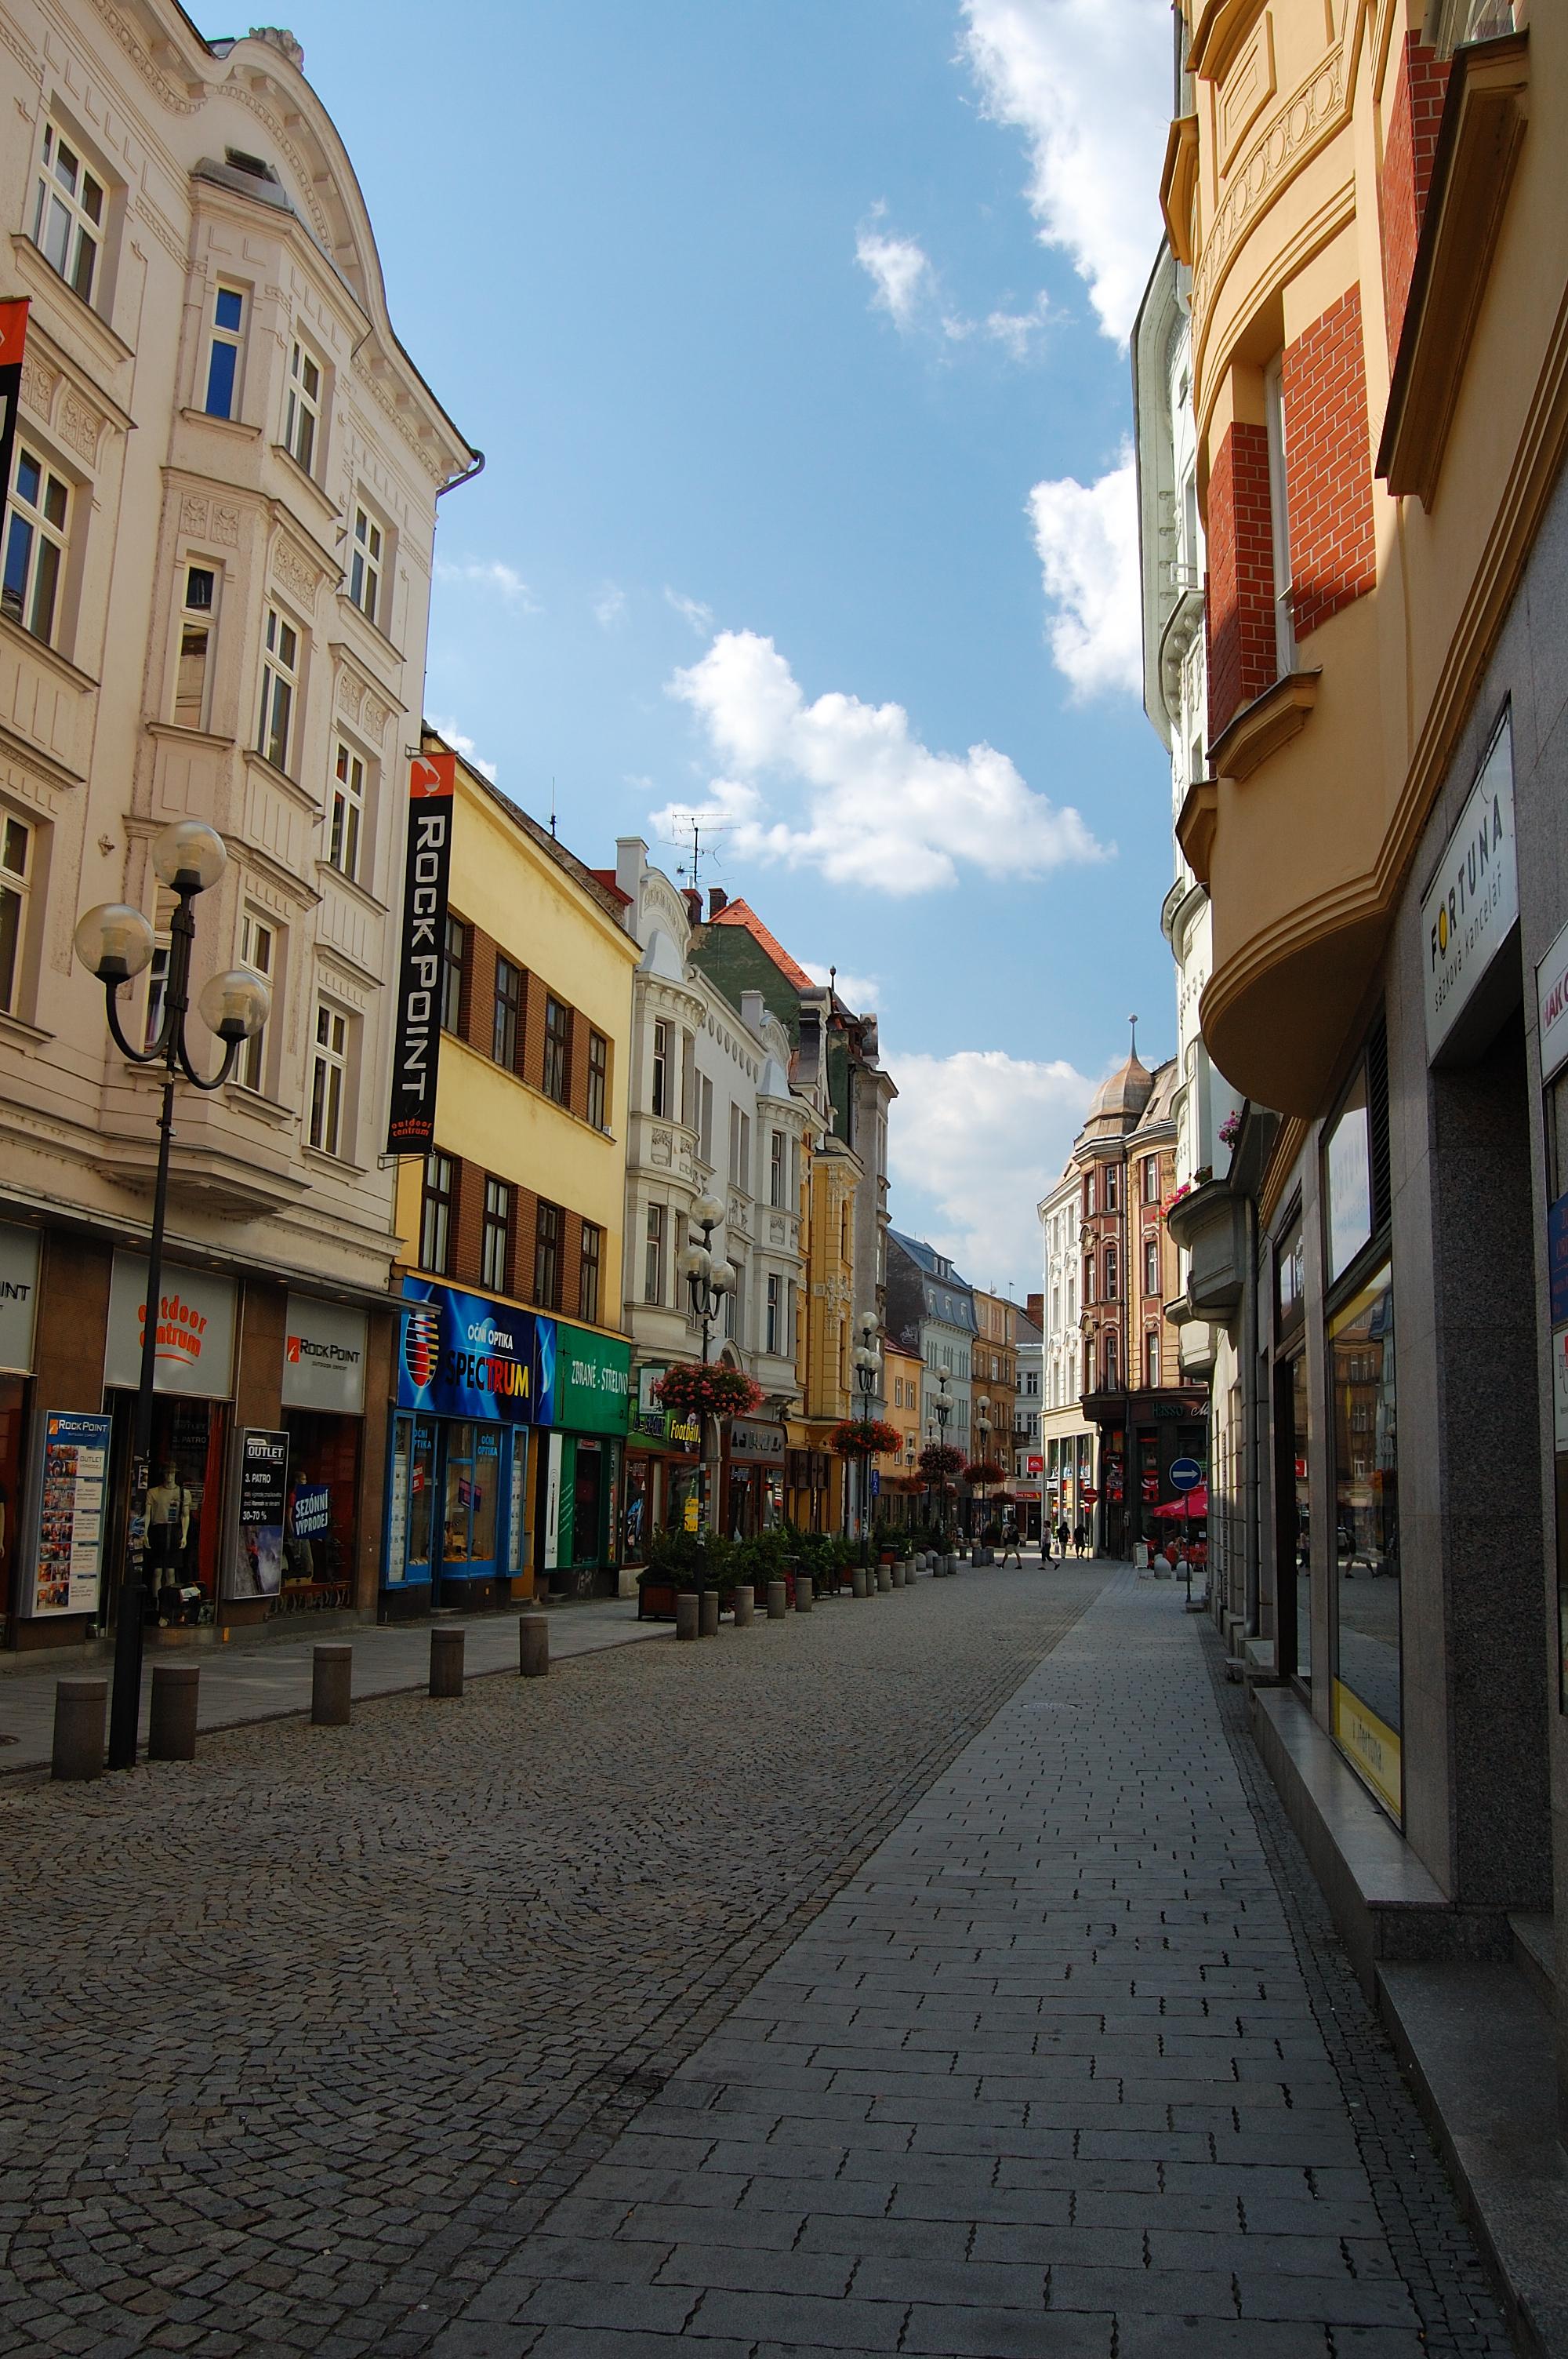 Súbor postovni ulice ostrava 2009 jpg